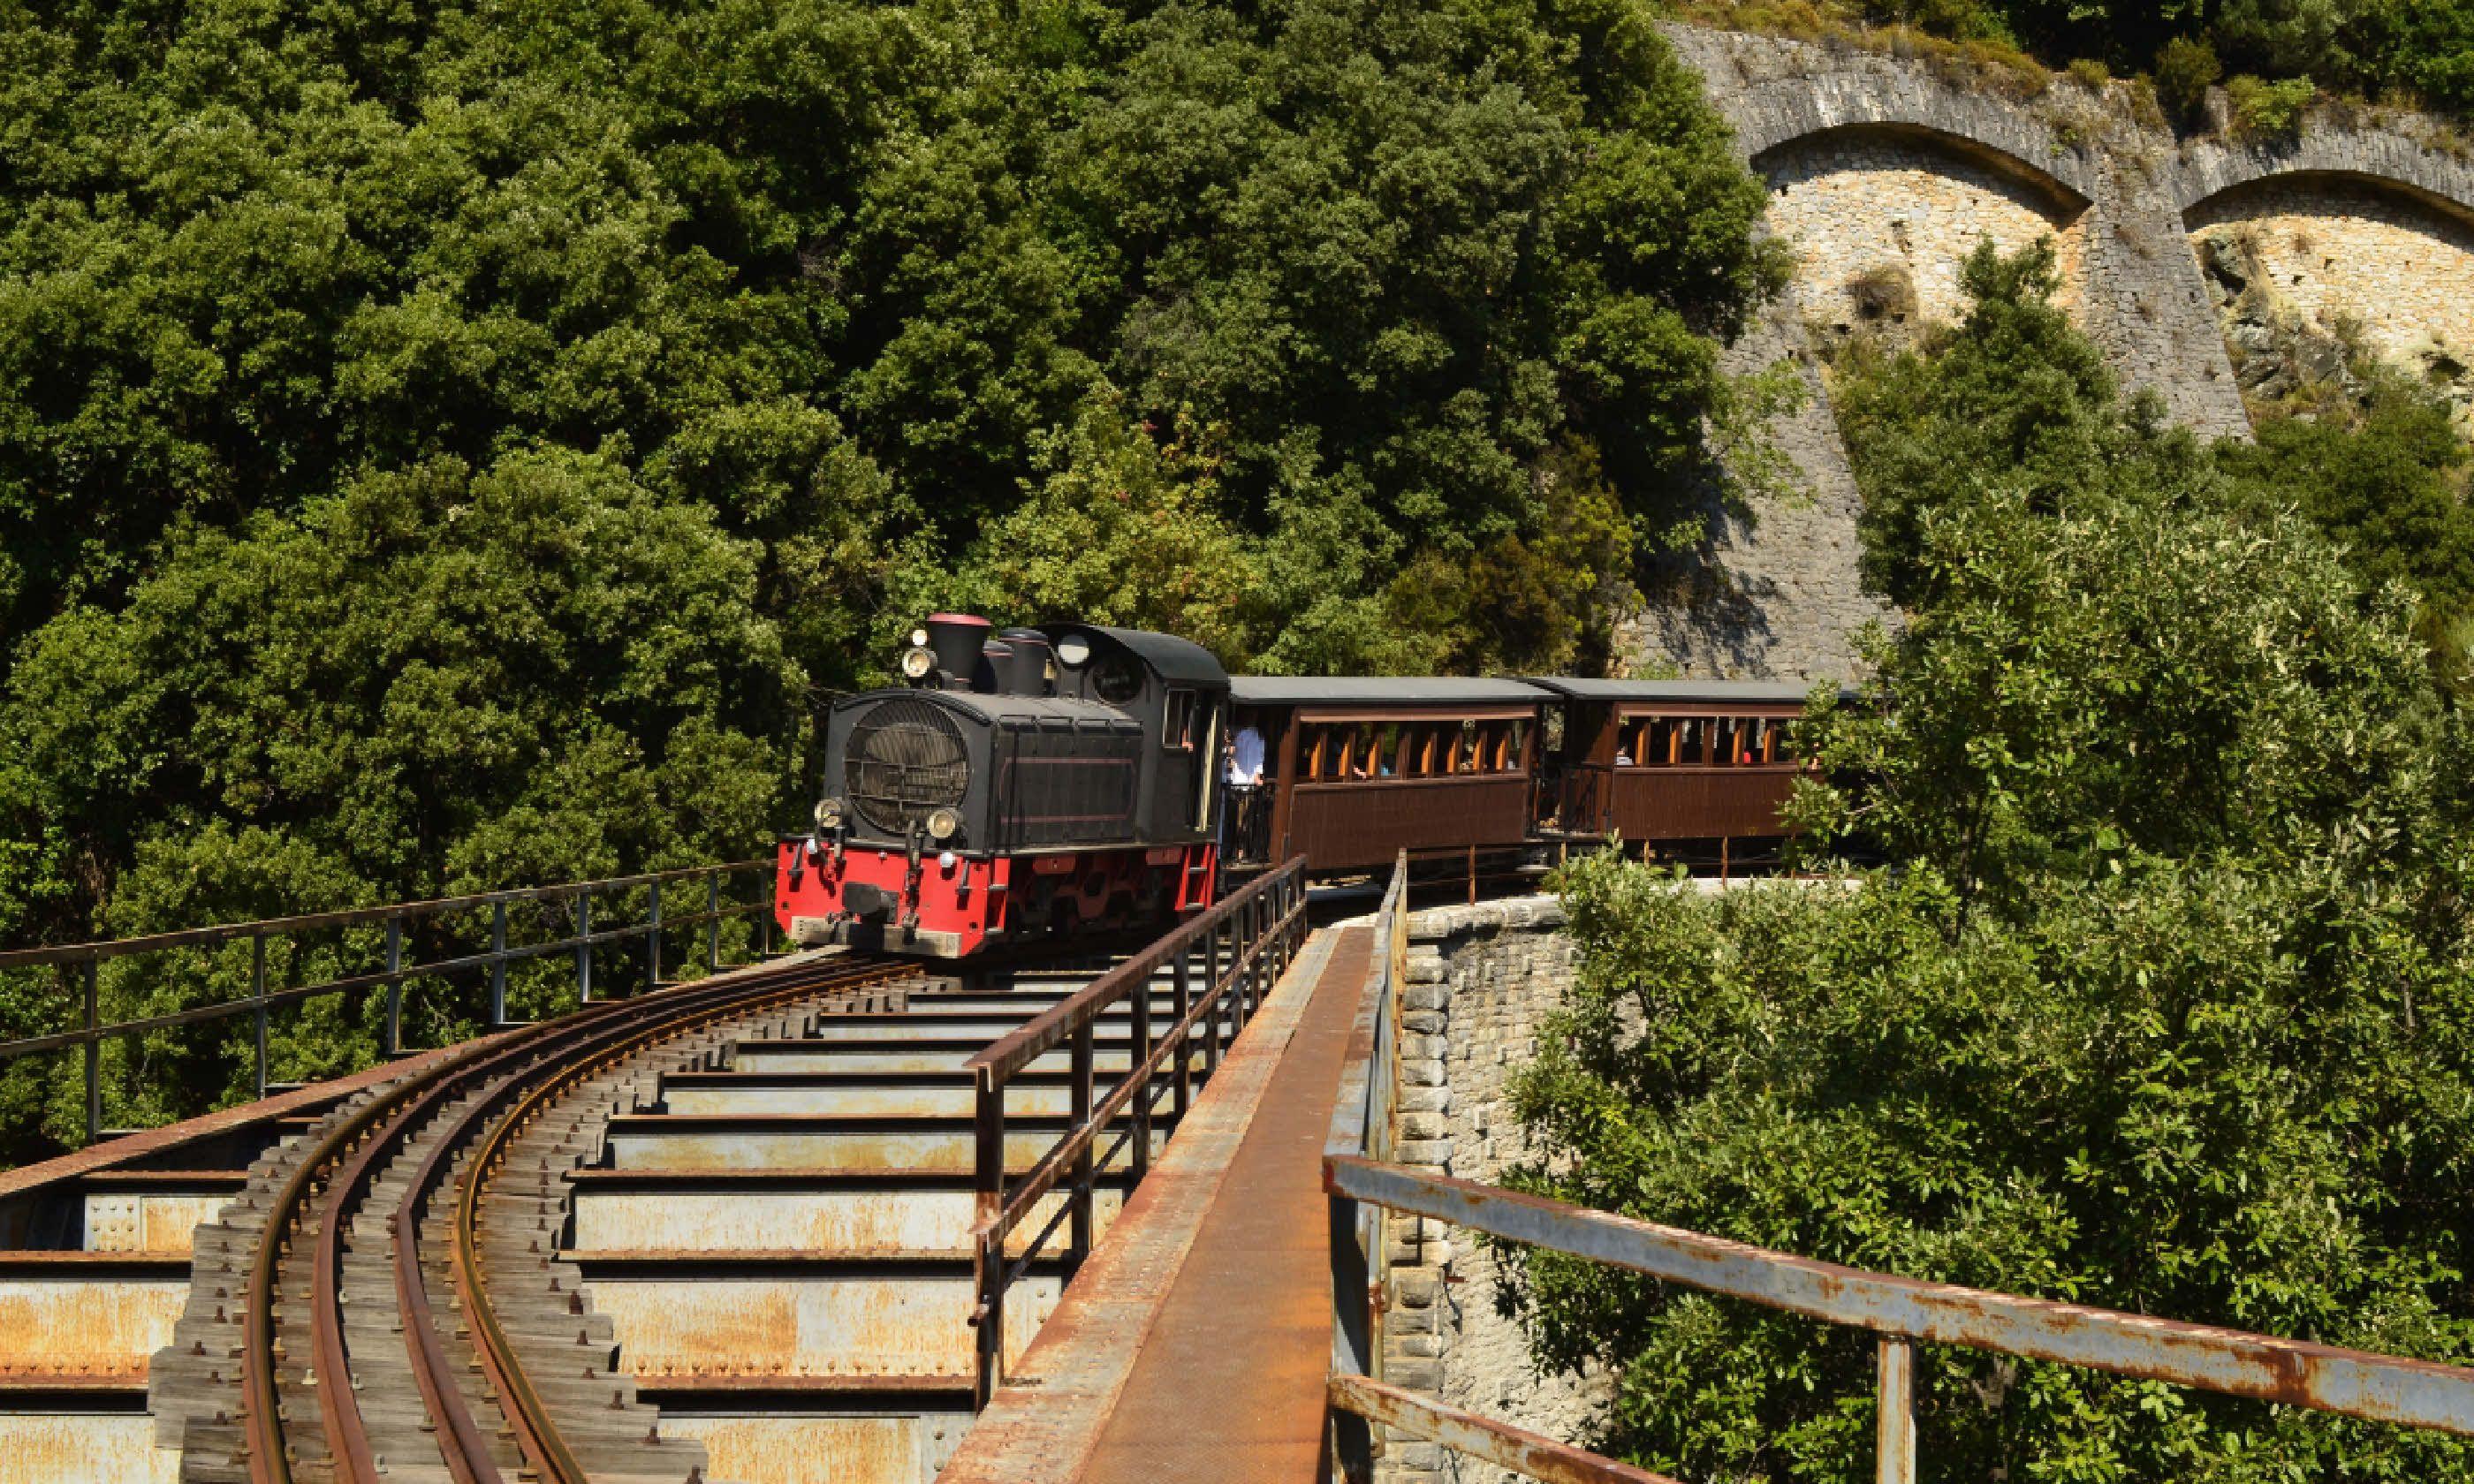 Pelion train (Shutterstock)